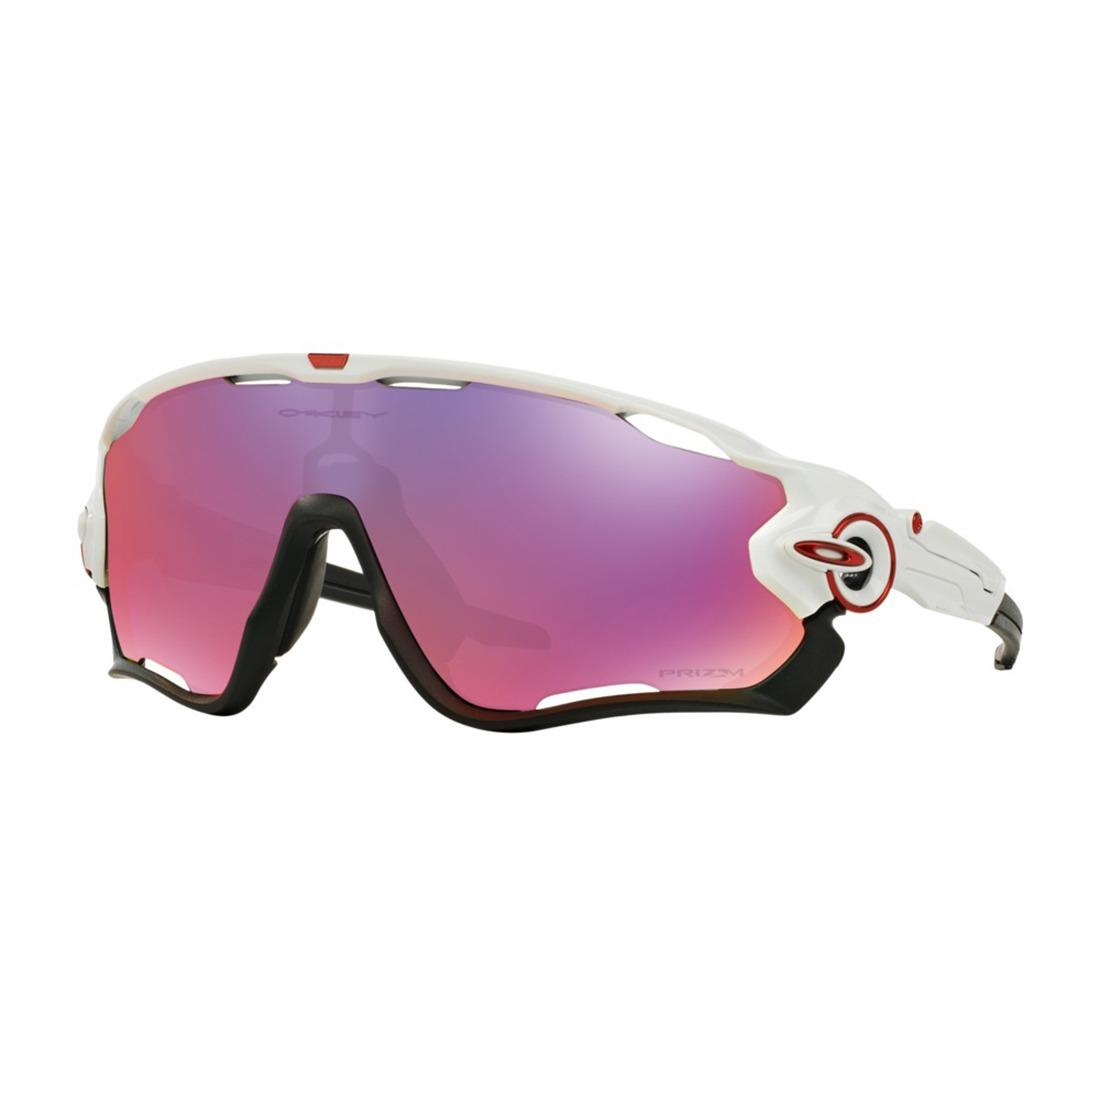 Oakley Jawbreaker Oo 9290 Óculos De Sol - R  686,89 em Mercado Livre 8be7a151d1